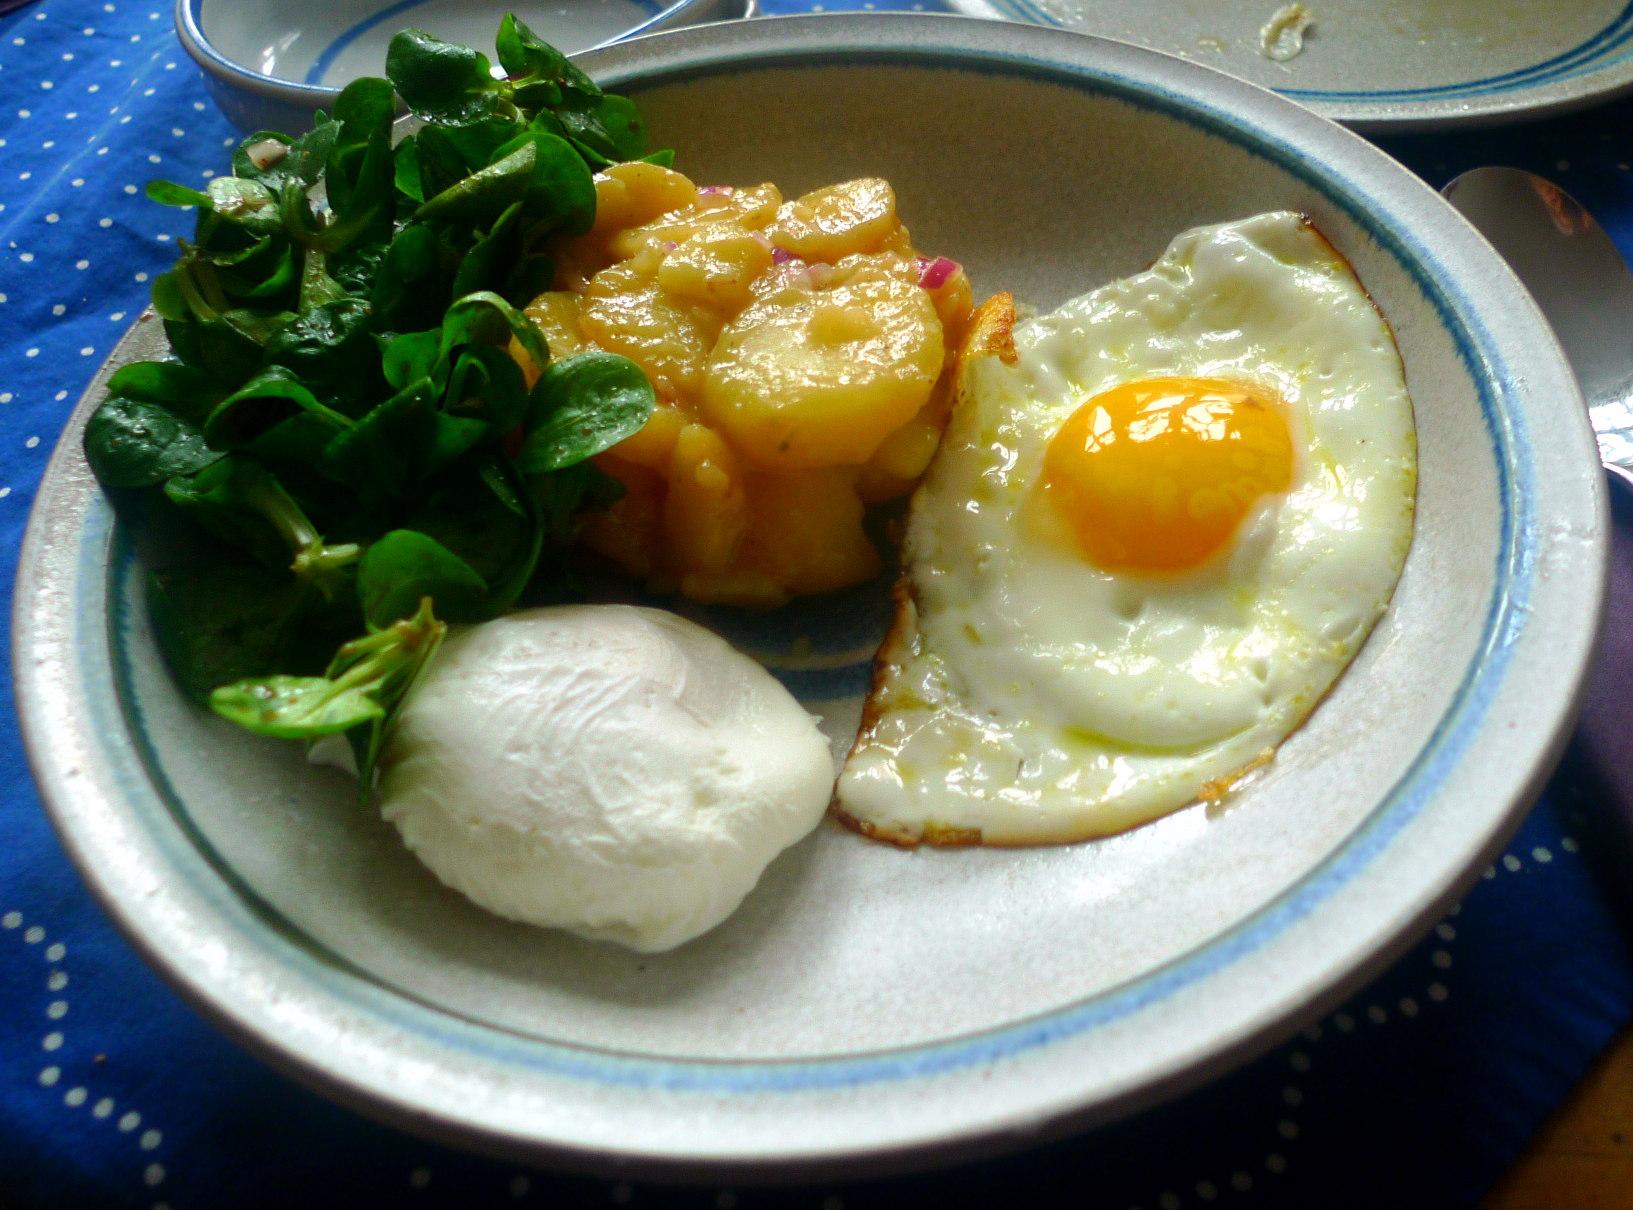 schwabischer-kartoffelsalatfeldsalatpochiertes-eispiegeleivegetarisch-15